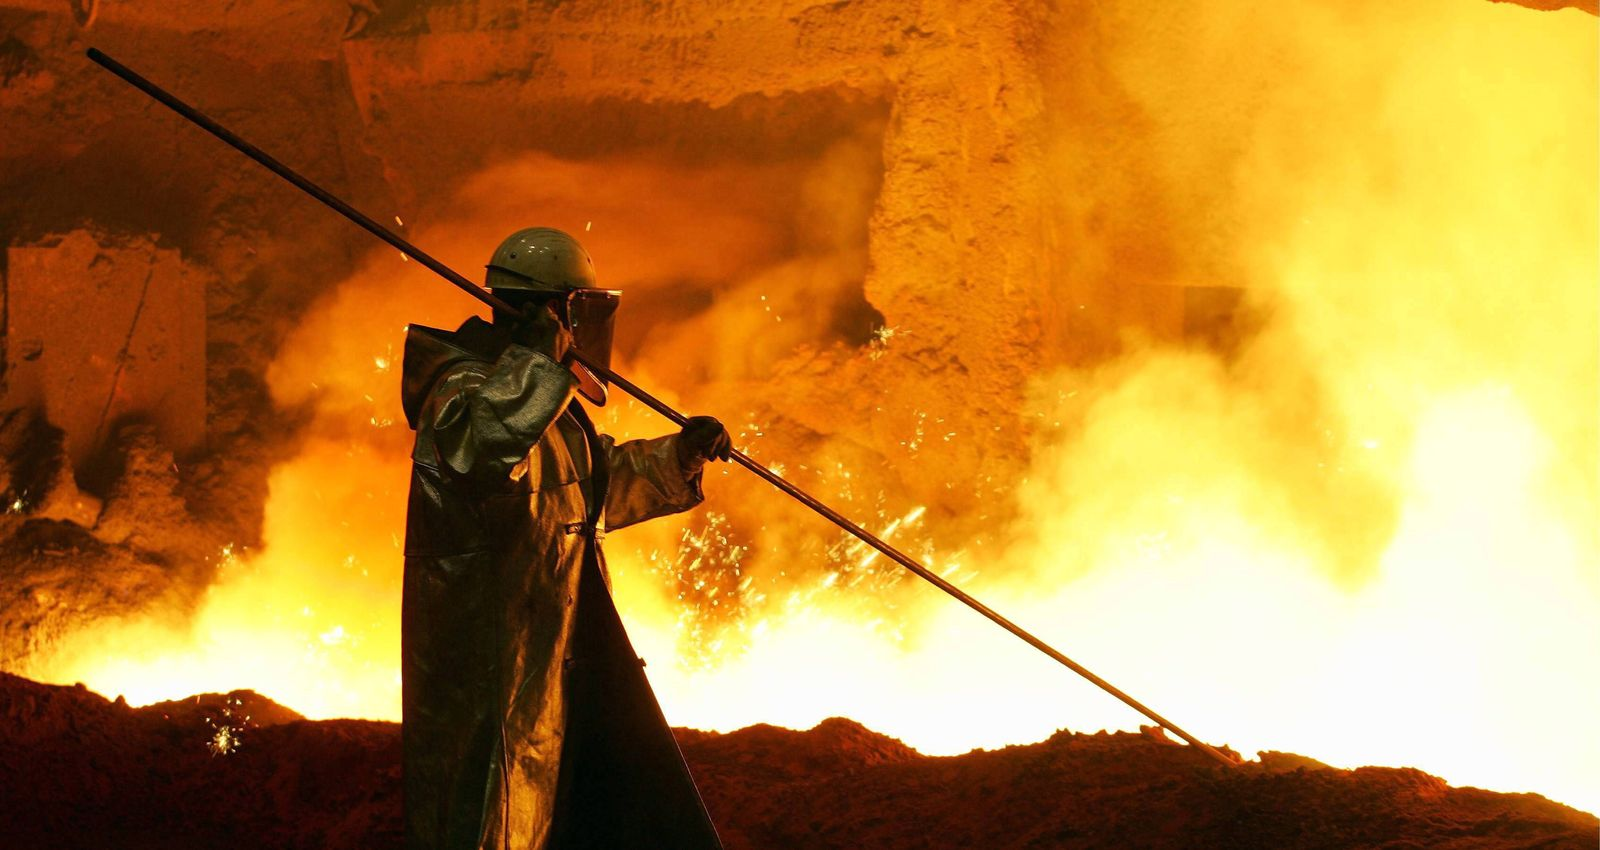 NICHT VERWENDEN Stahlerzeugung / Hochofen